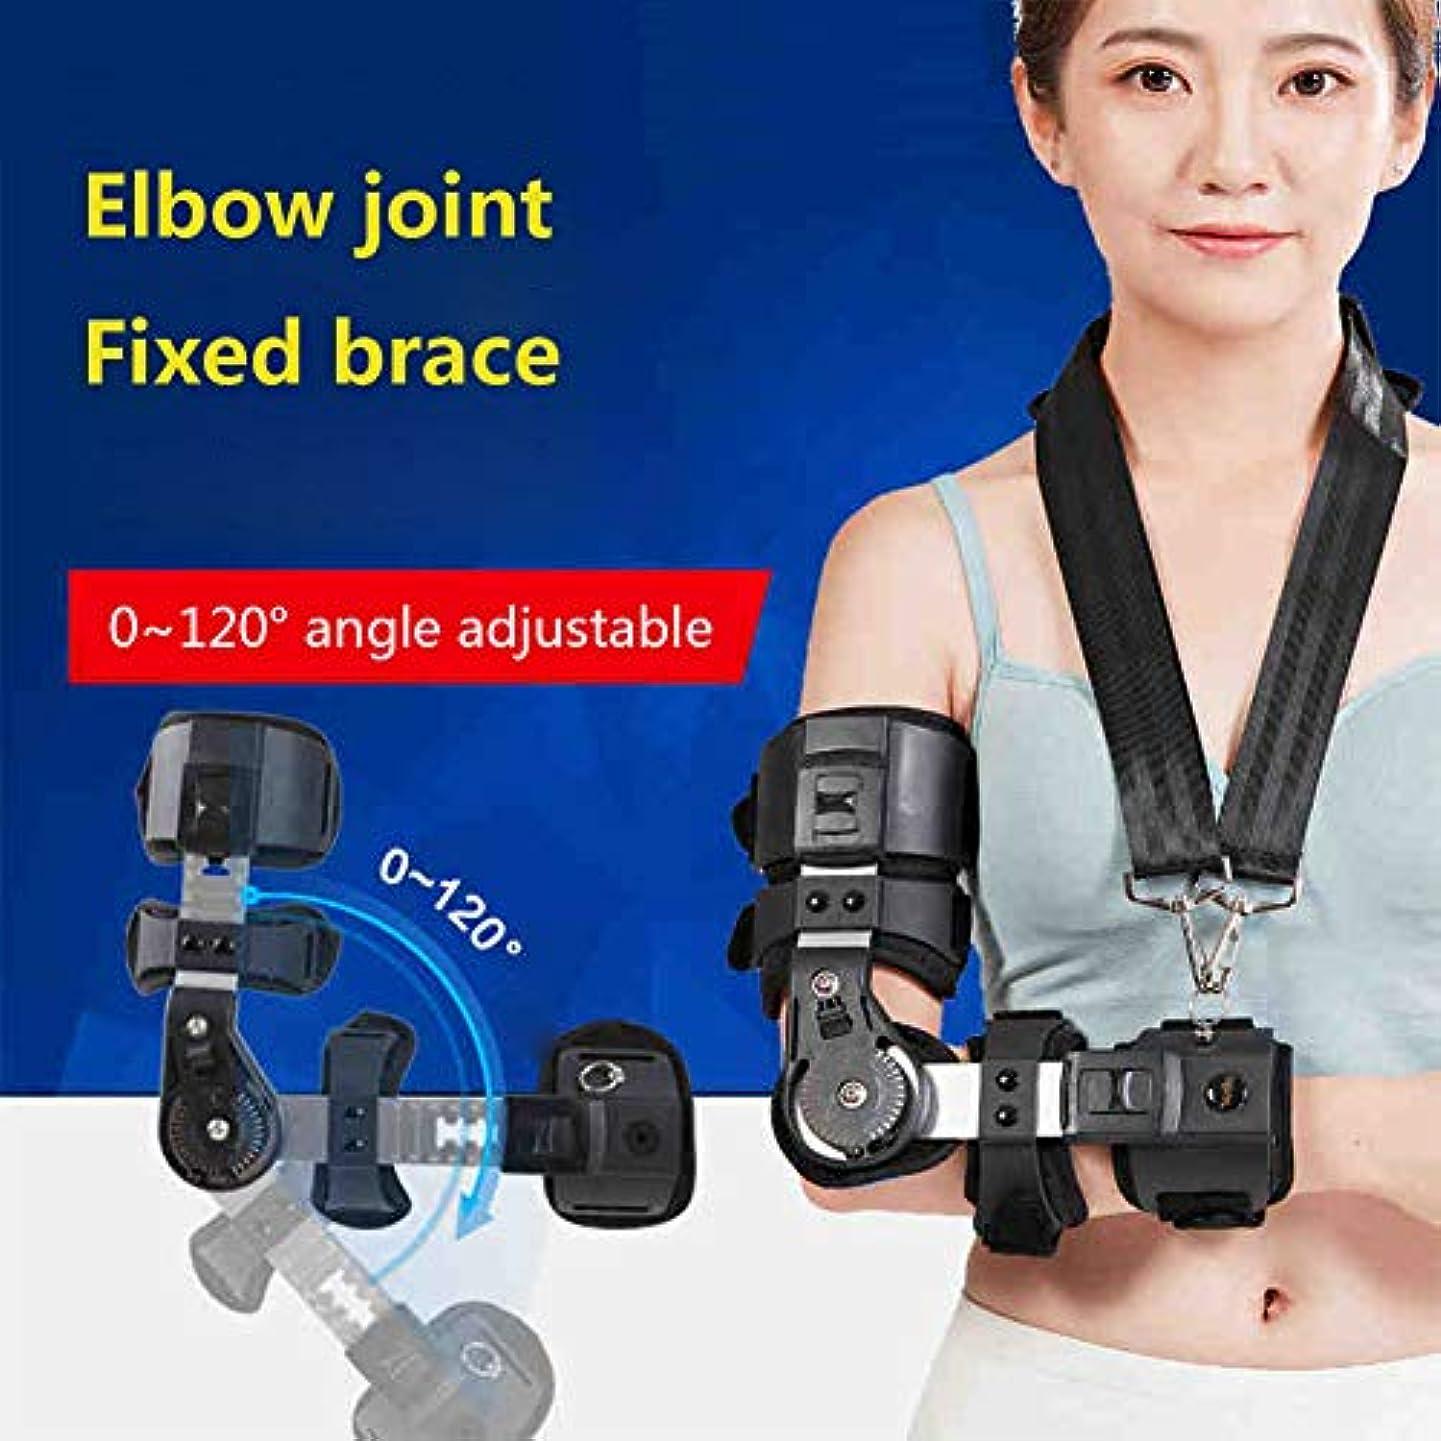 ハーブ黙認する検体回旋腱板サポート取り外し可能なデザインアームスリング、精密な骨折の修復のための8つの長さ調整付きの精密なチャック骨折スリング,right